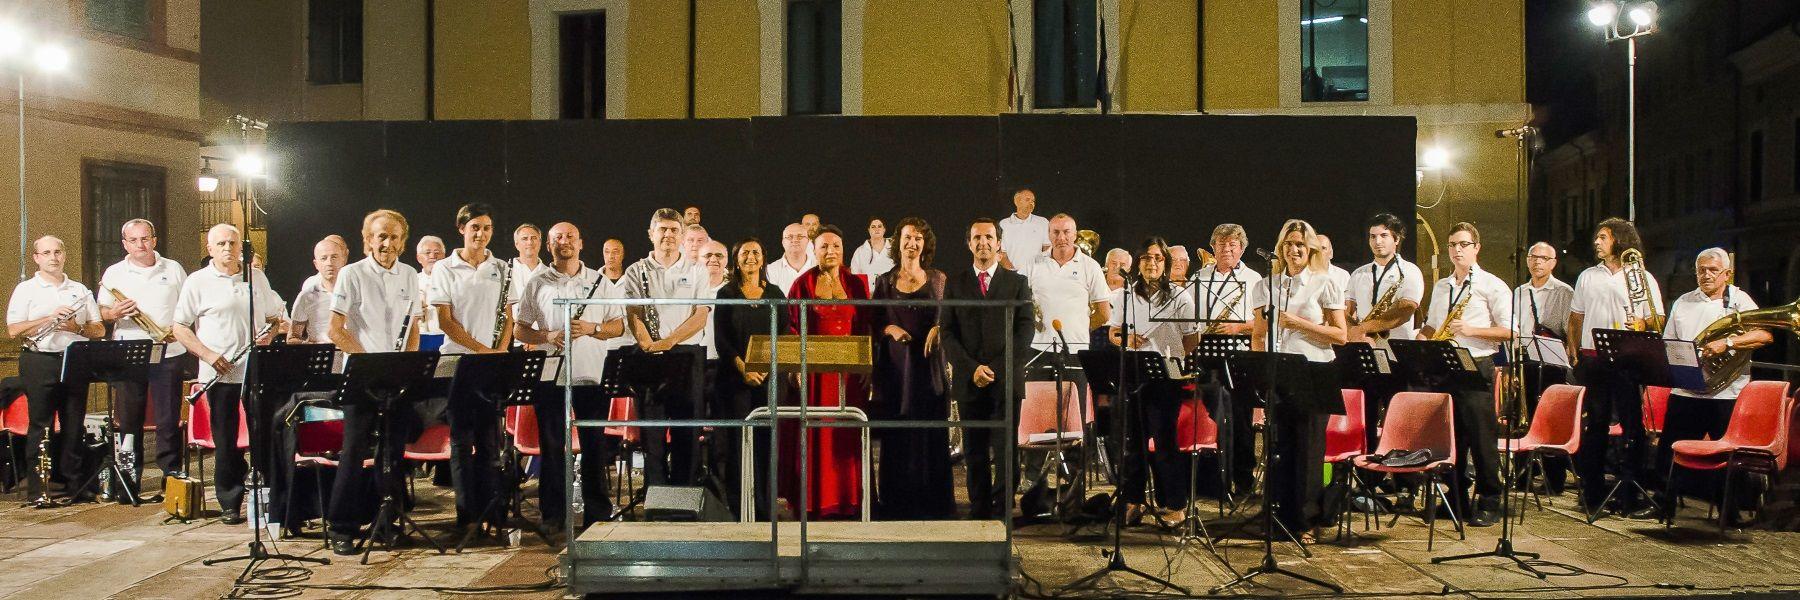 Concerts de la Fanfare Municipale in Piazza Garibaldi